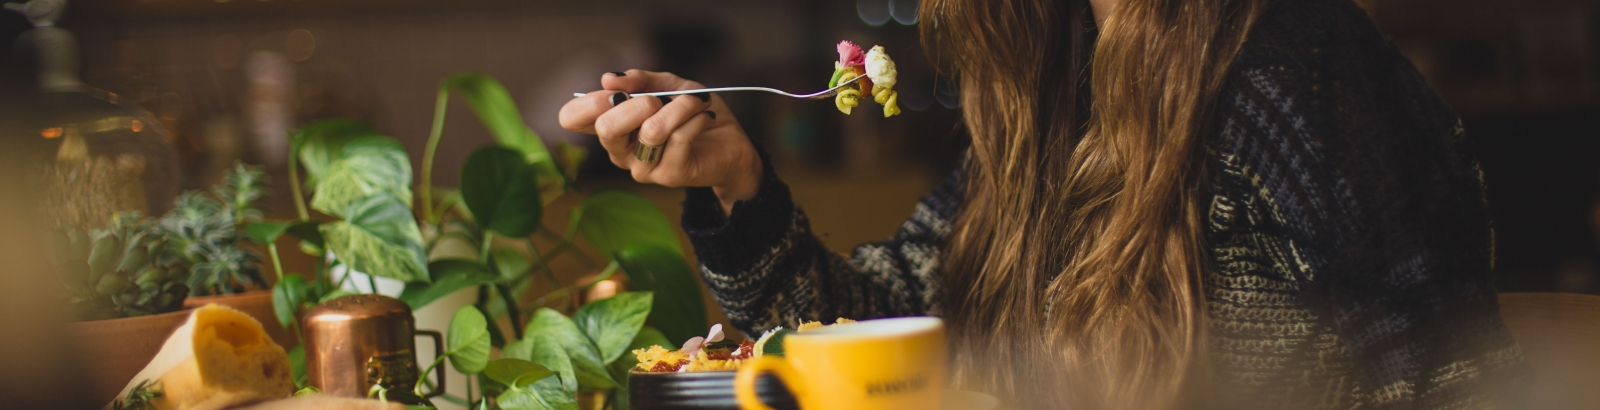 Photo d'une femme qui se régale devant un plat de pâtes